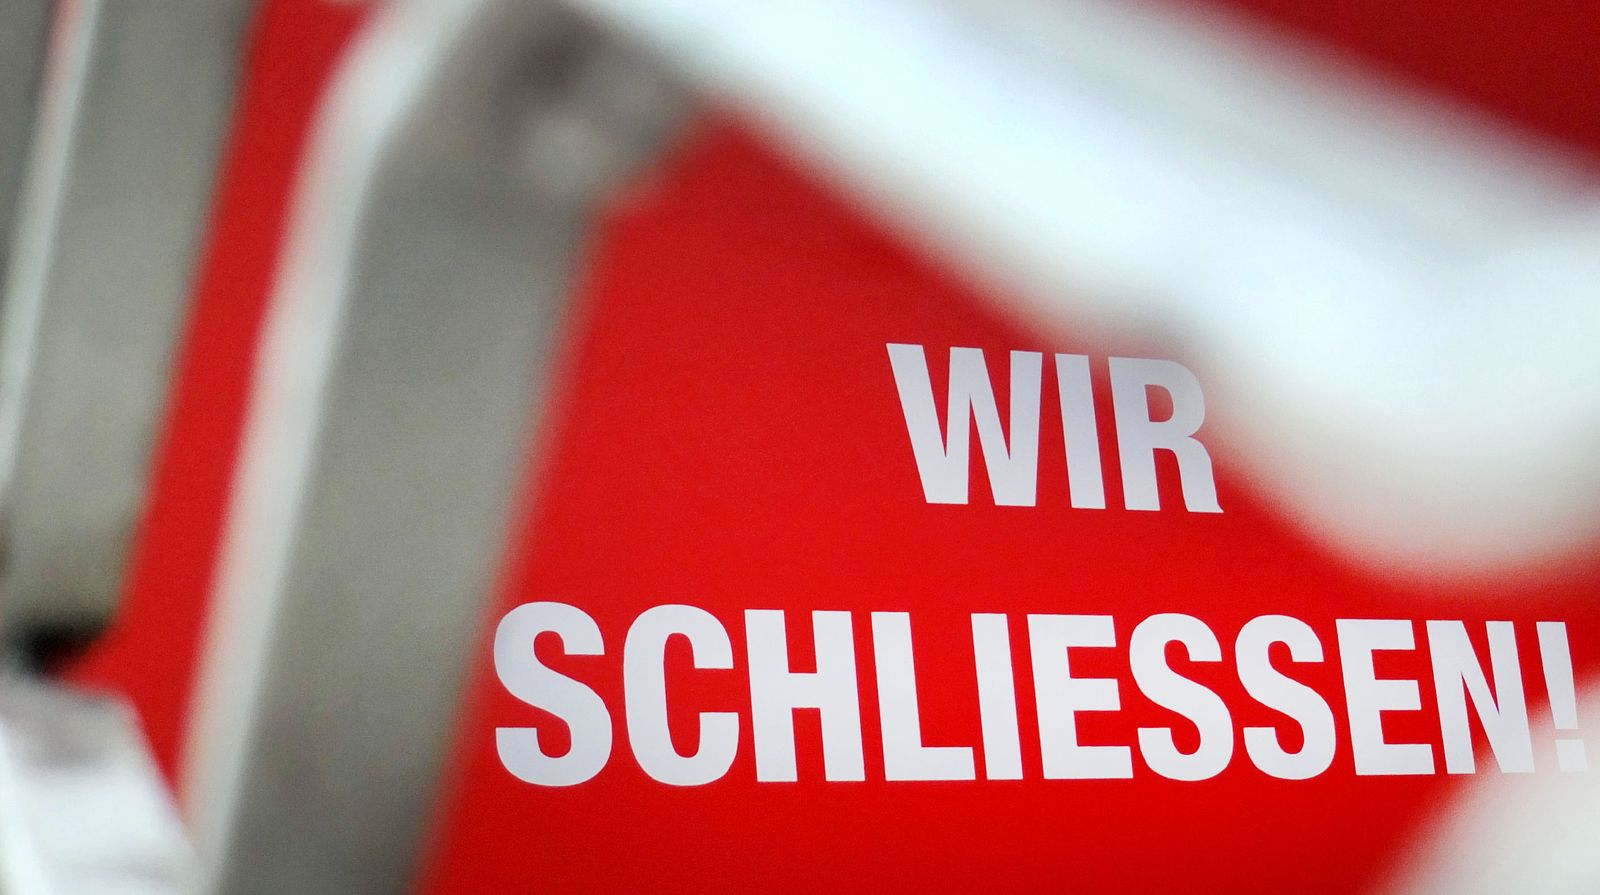 Erneut weniger Unternehmenspleiten in NRW